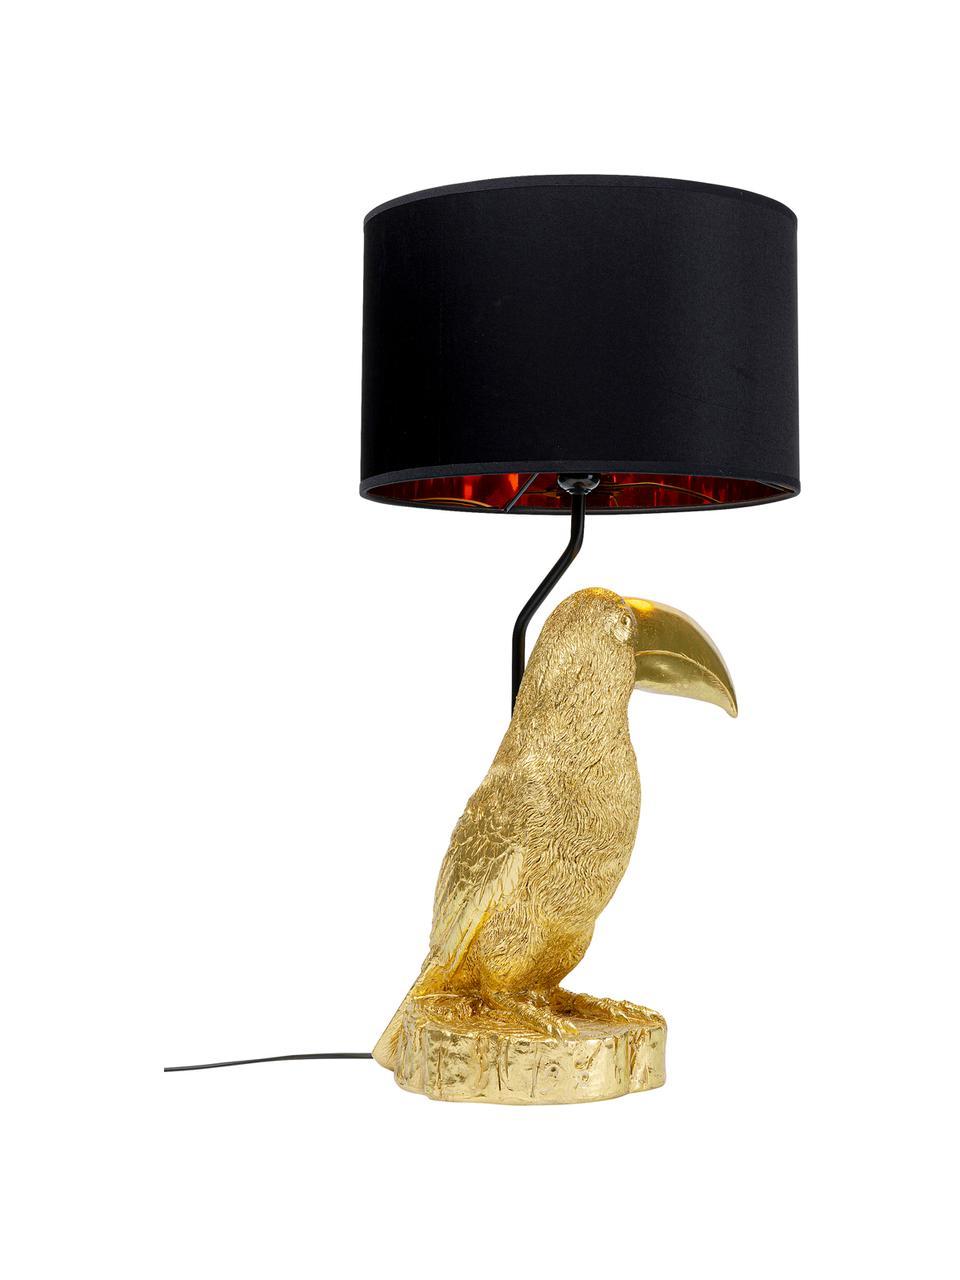 Lampada da tavolo Toucan, Base della lampada: 55% calcare, 45% poliresi, Dorato, nero, Ø 38 x Alt. 70 cm